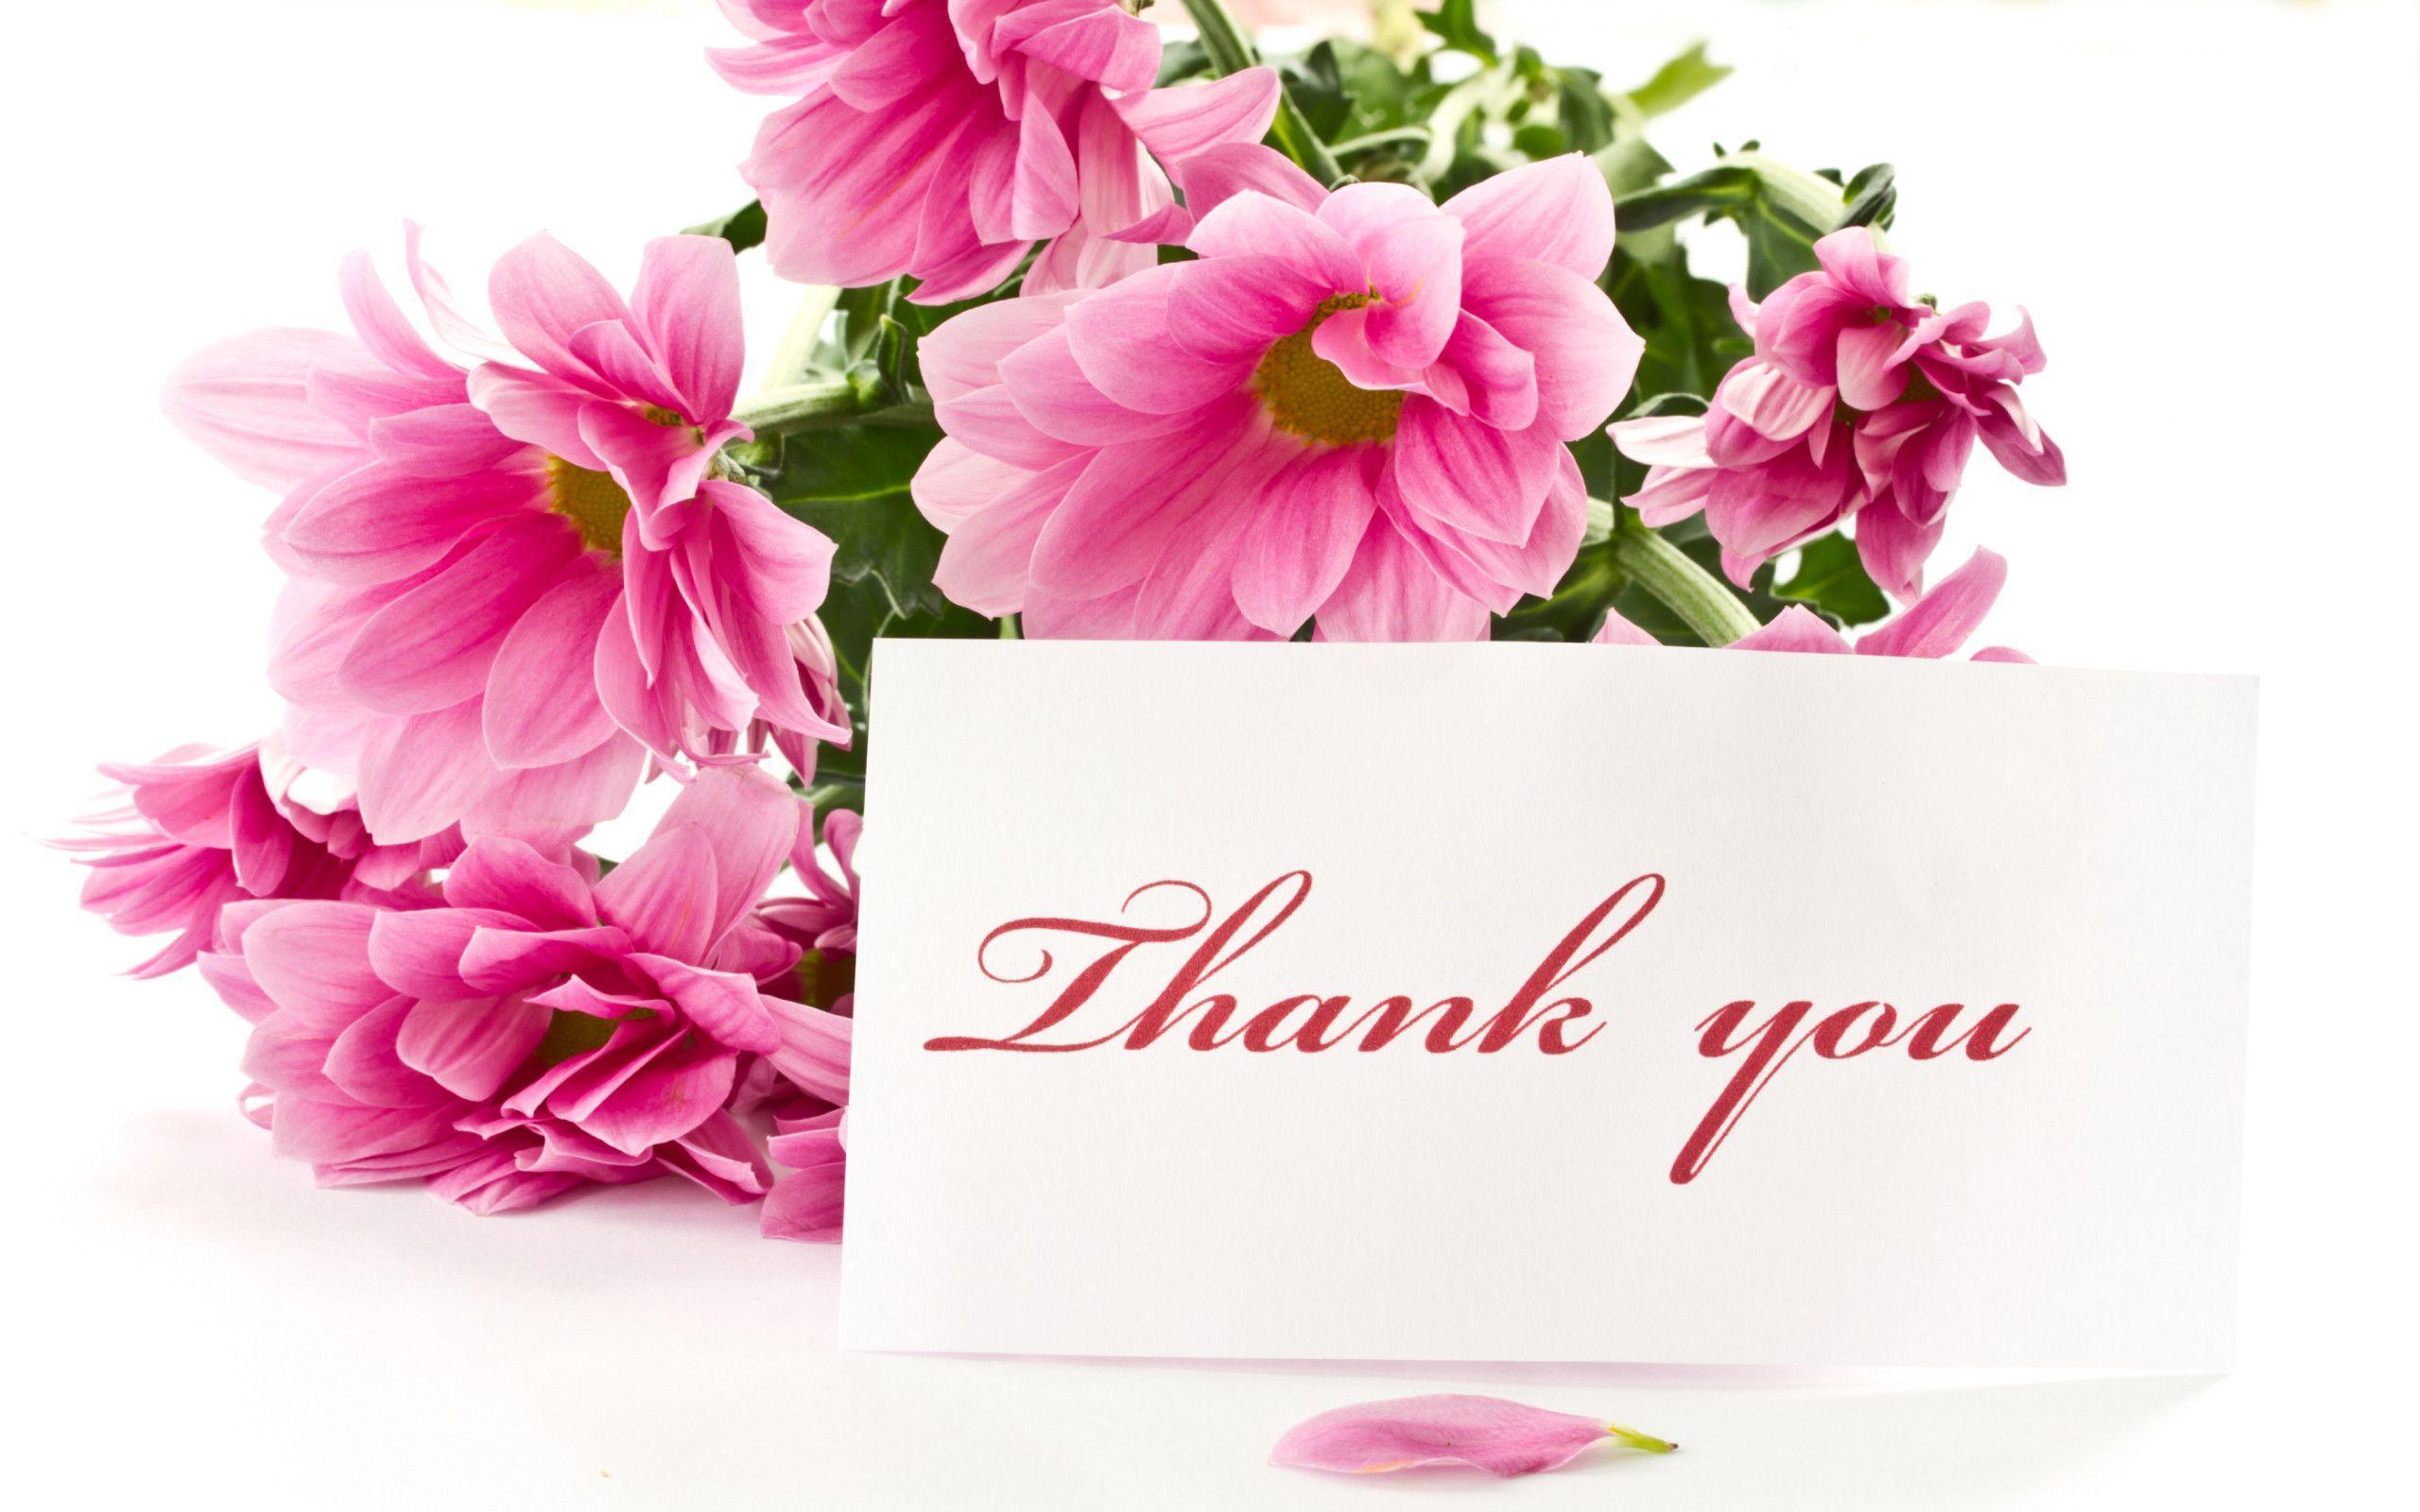 hinh nen thank you 21